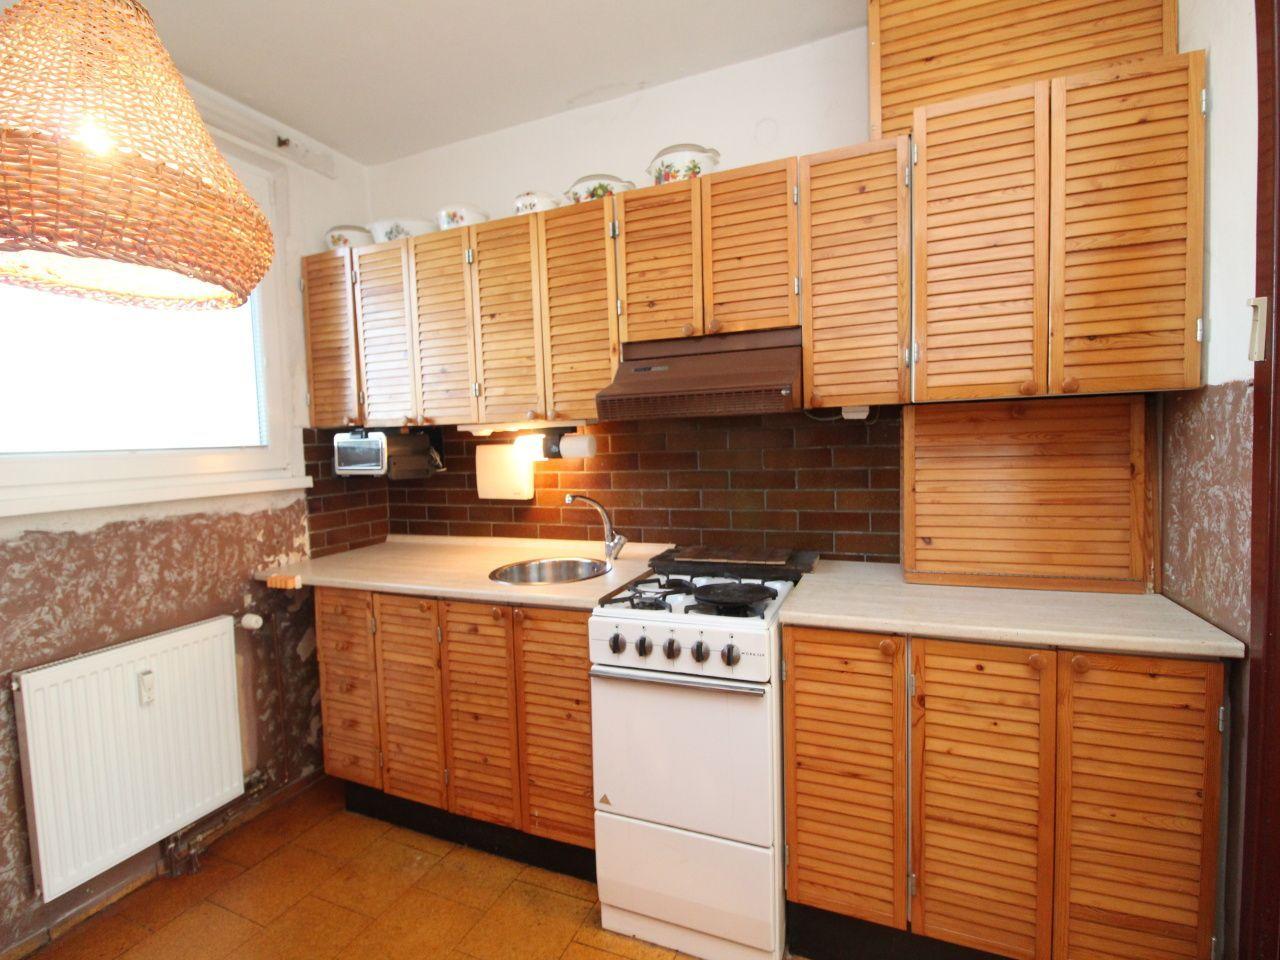 3-izbový byt-Predaj-Komárno-61500.00 €